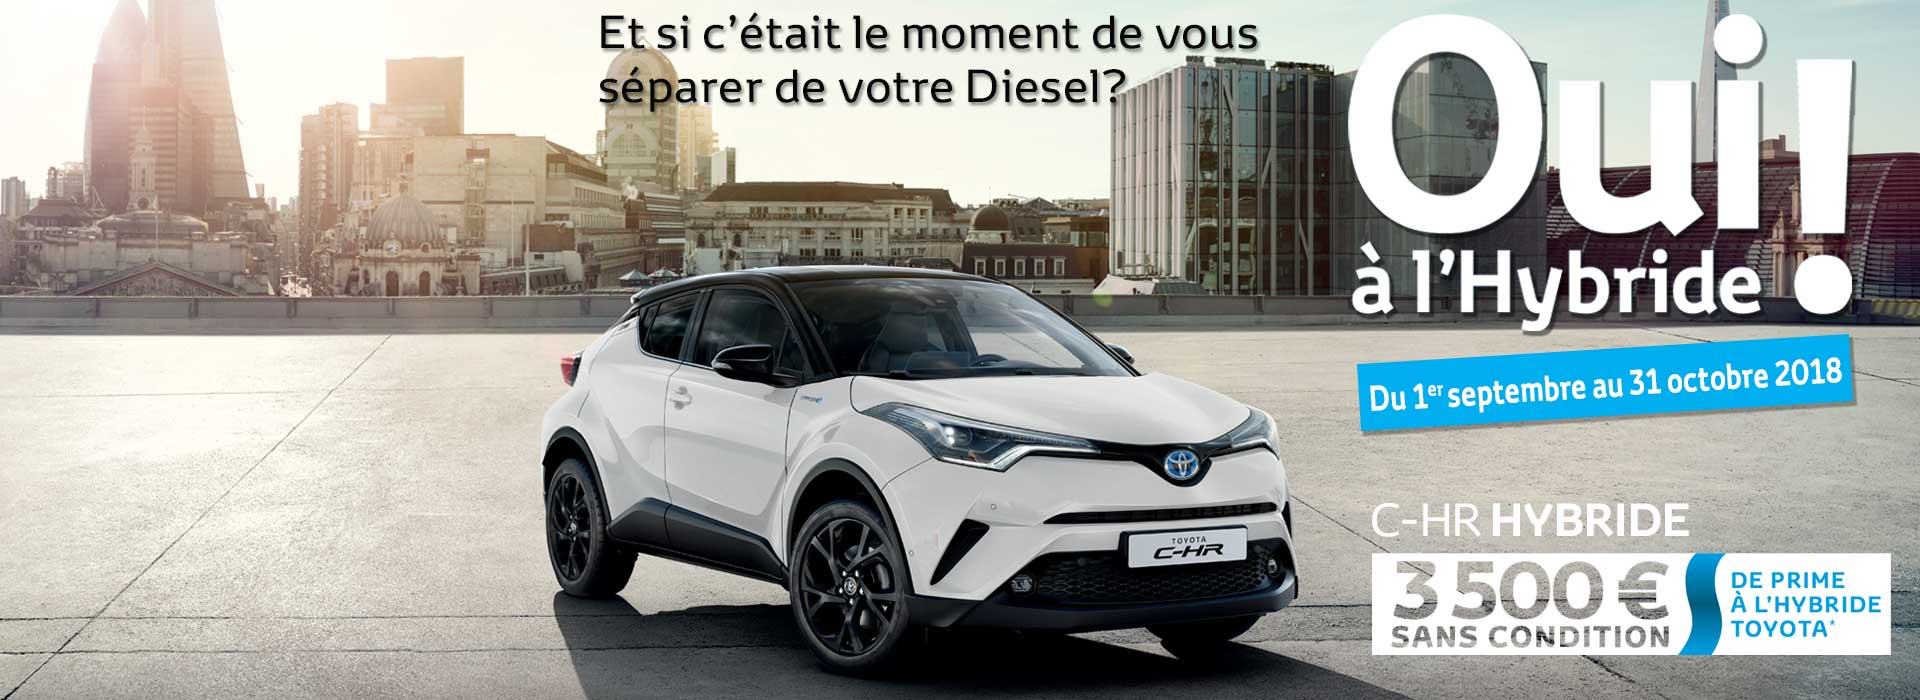 Corbeil essonnes votre concessionnaire voitures neuves for Garage renault feray corbeil essonnes